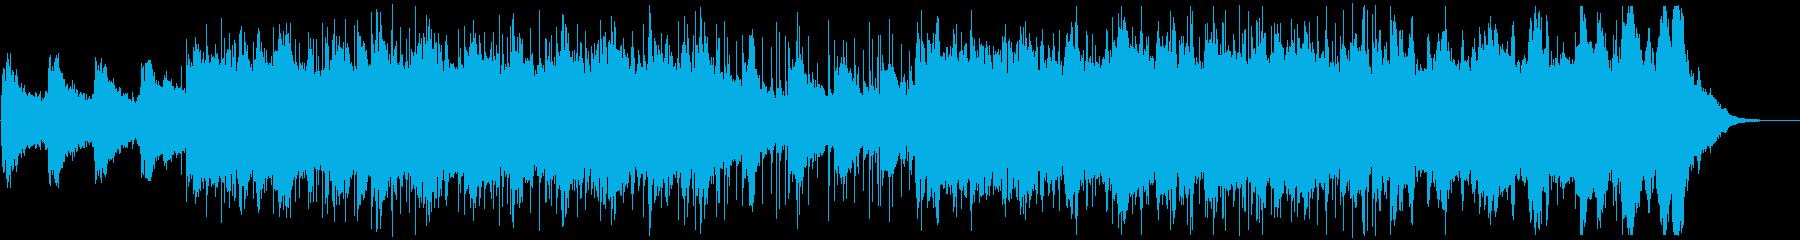 SF作品などに使える優しい楽曲の再生済みの波形